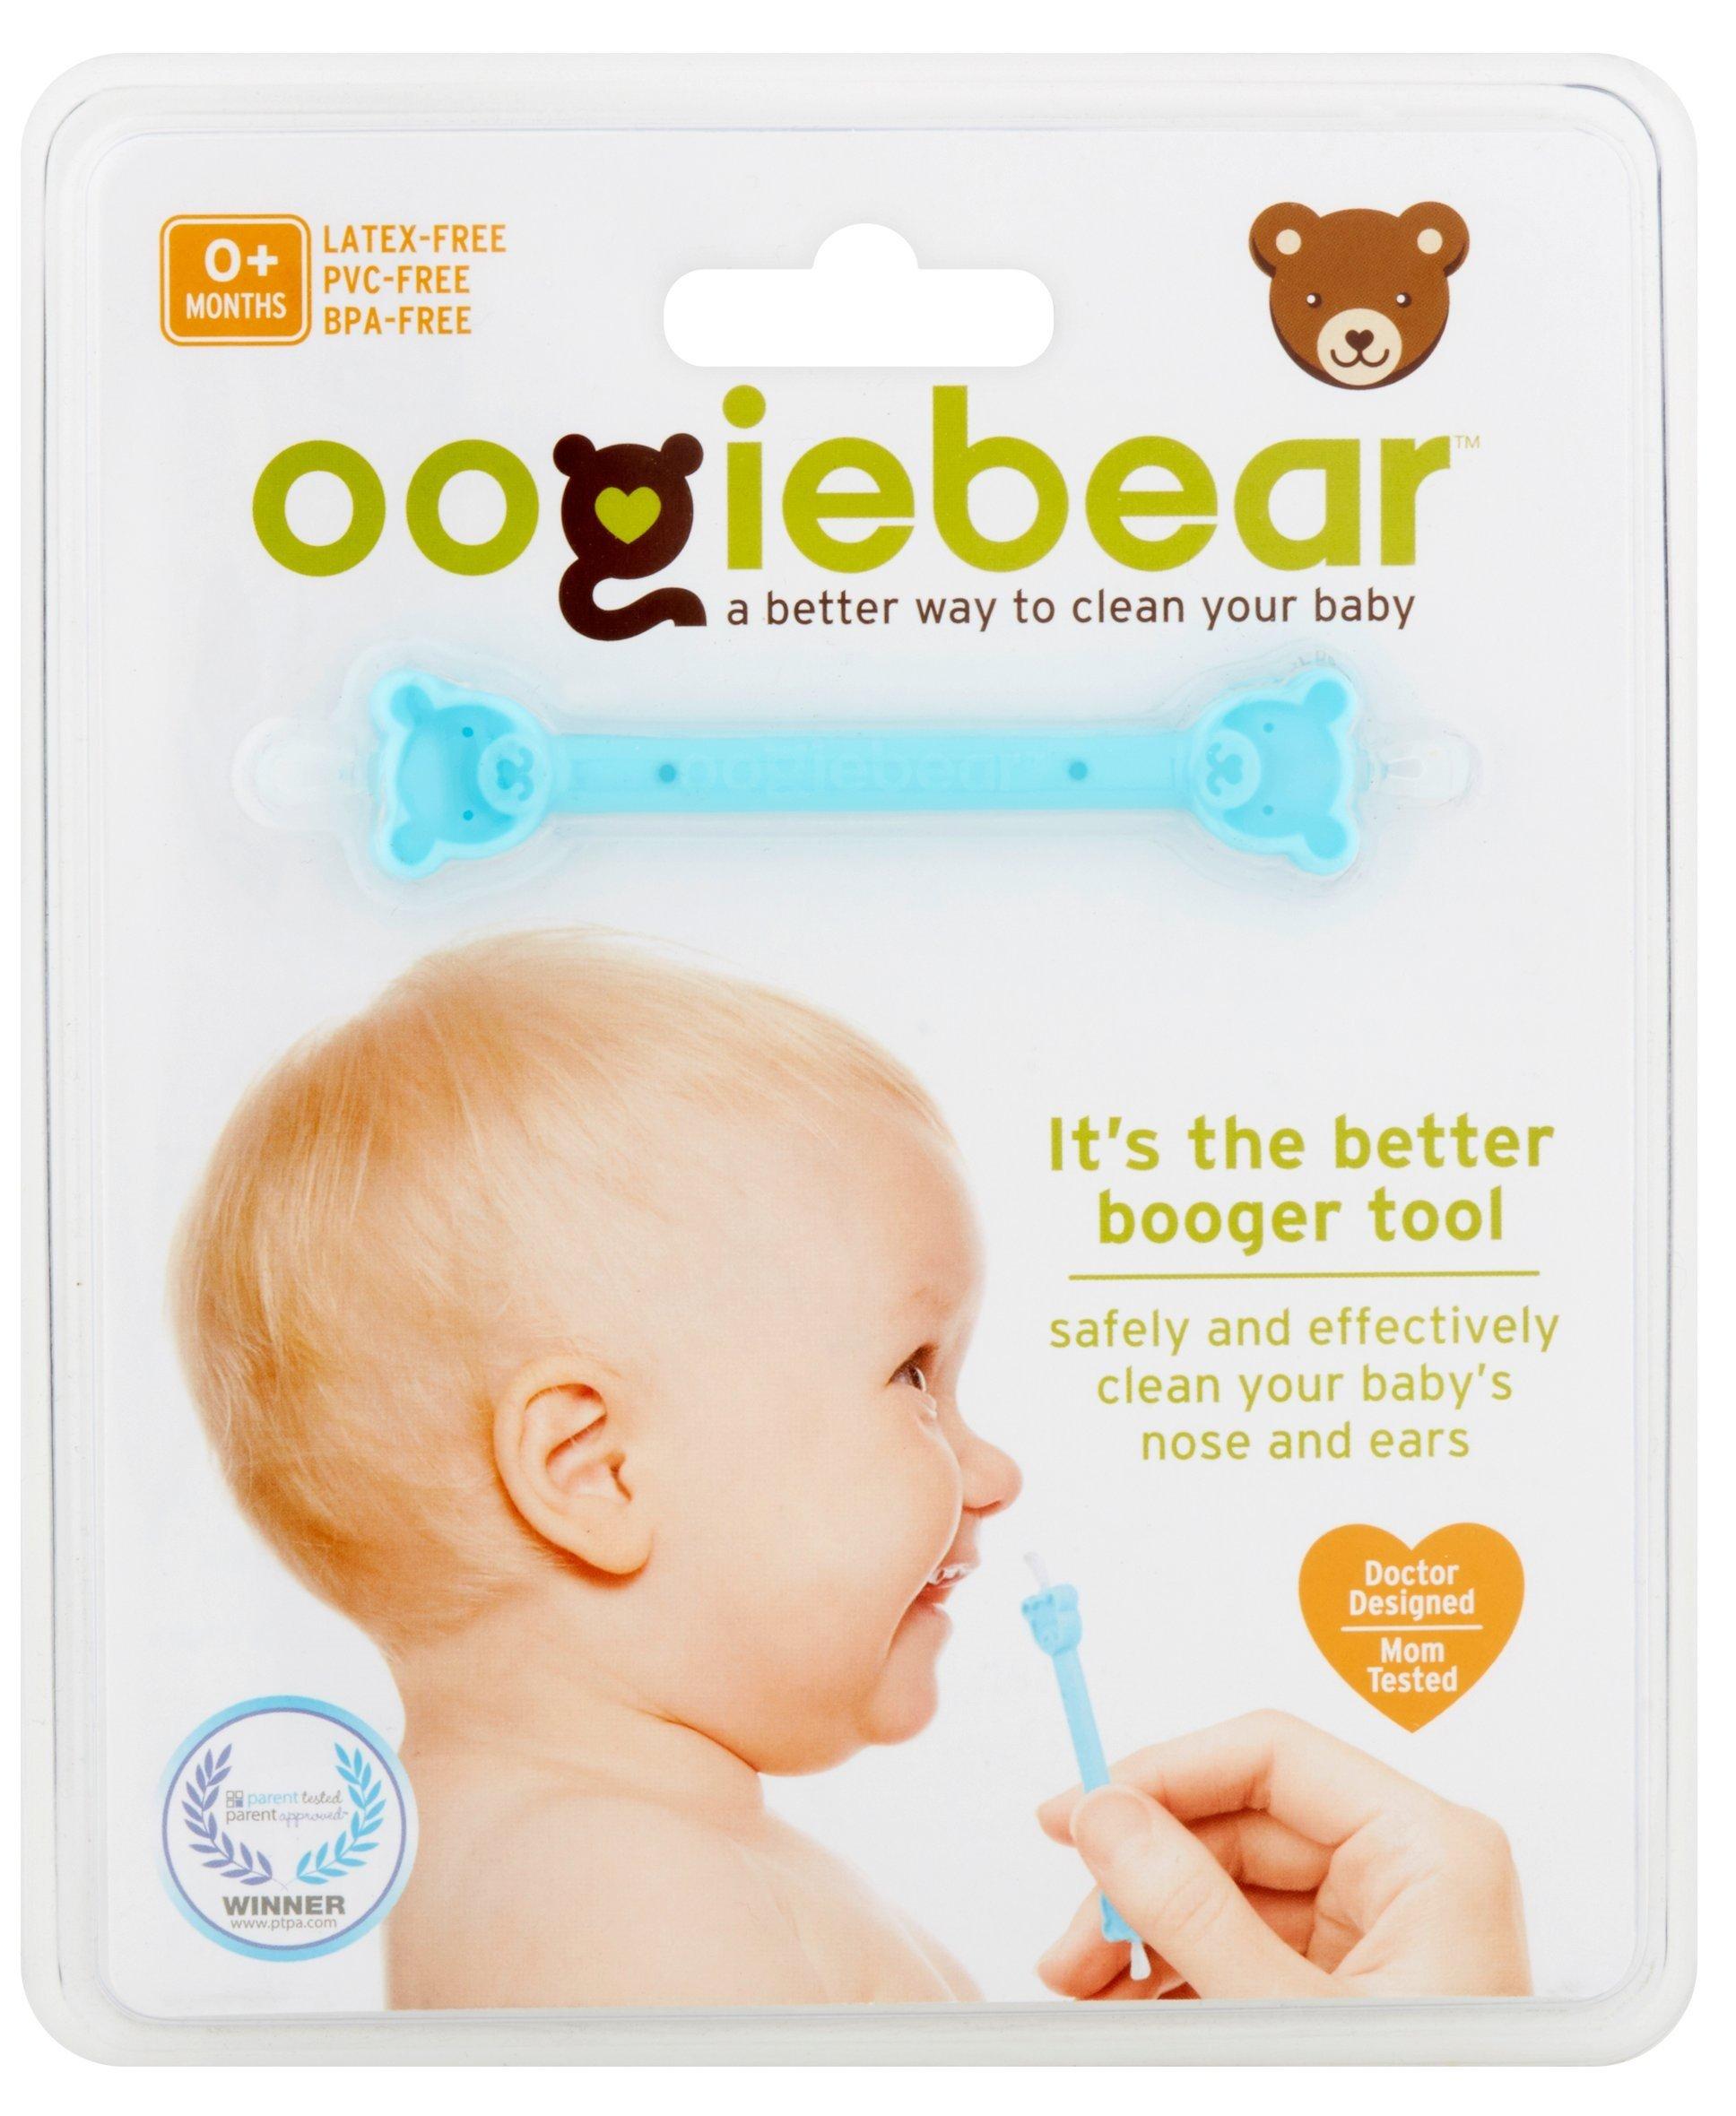 oogiebear Ear & Nose Cleaner